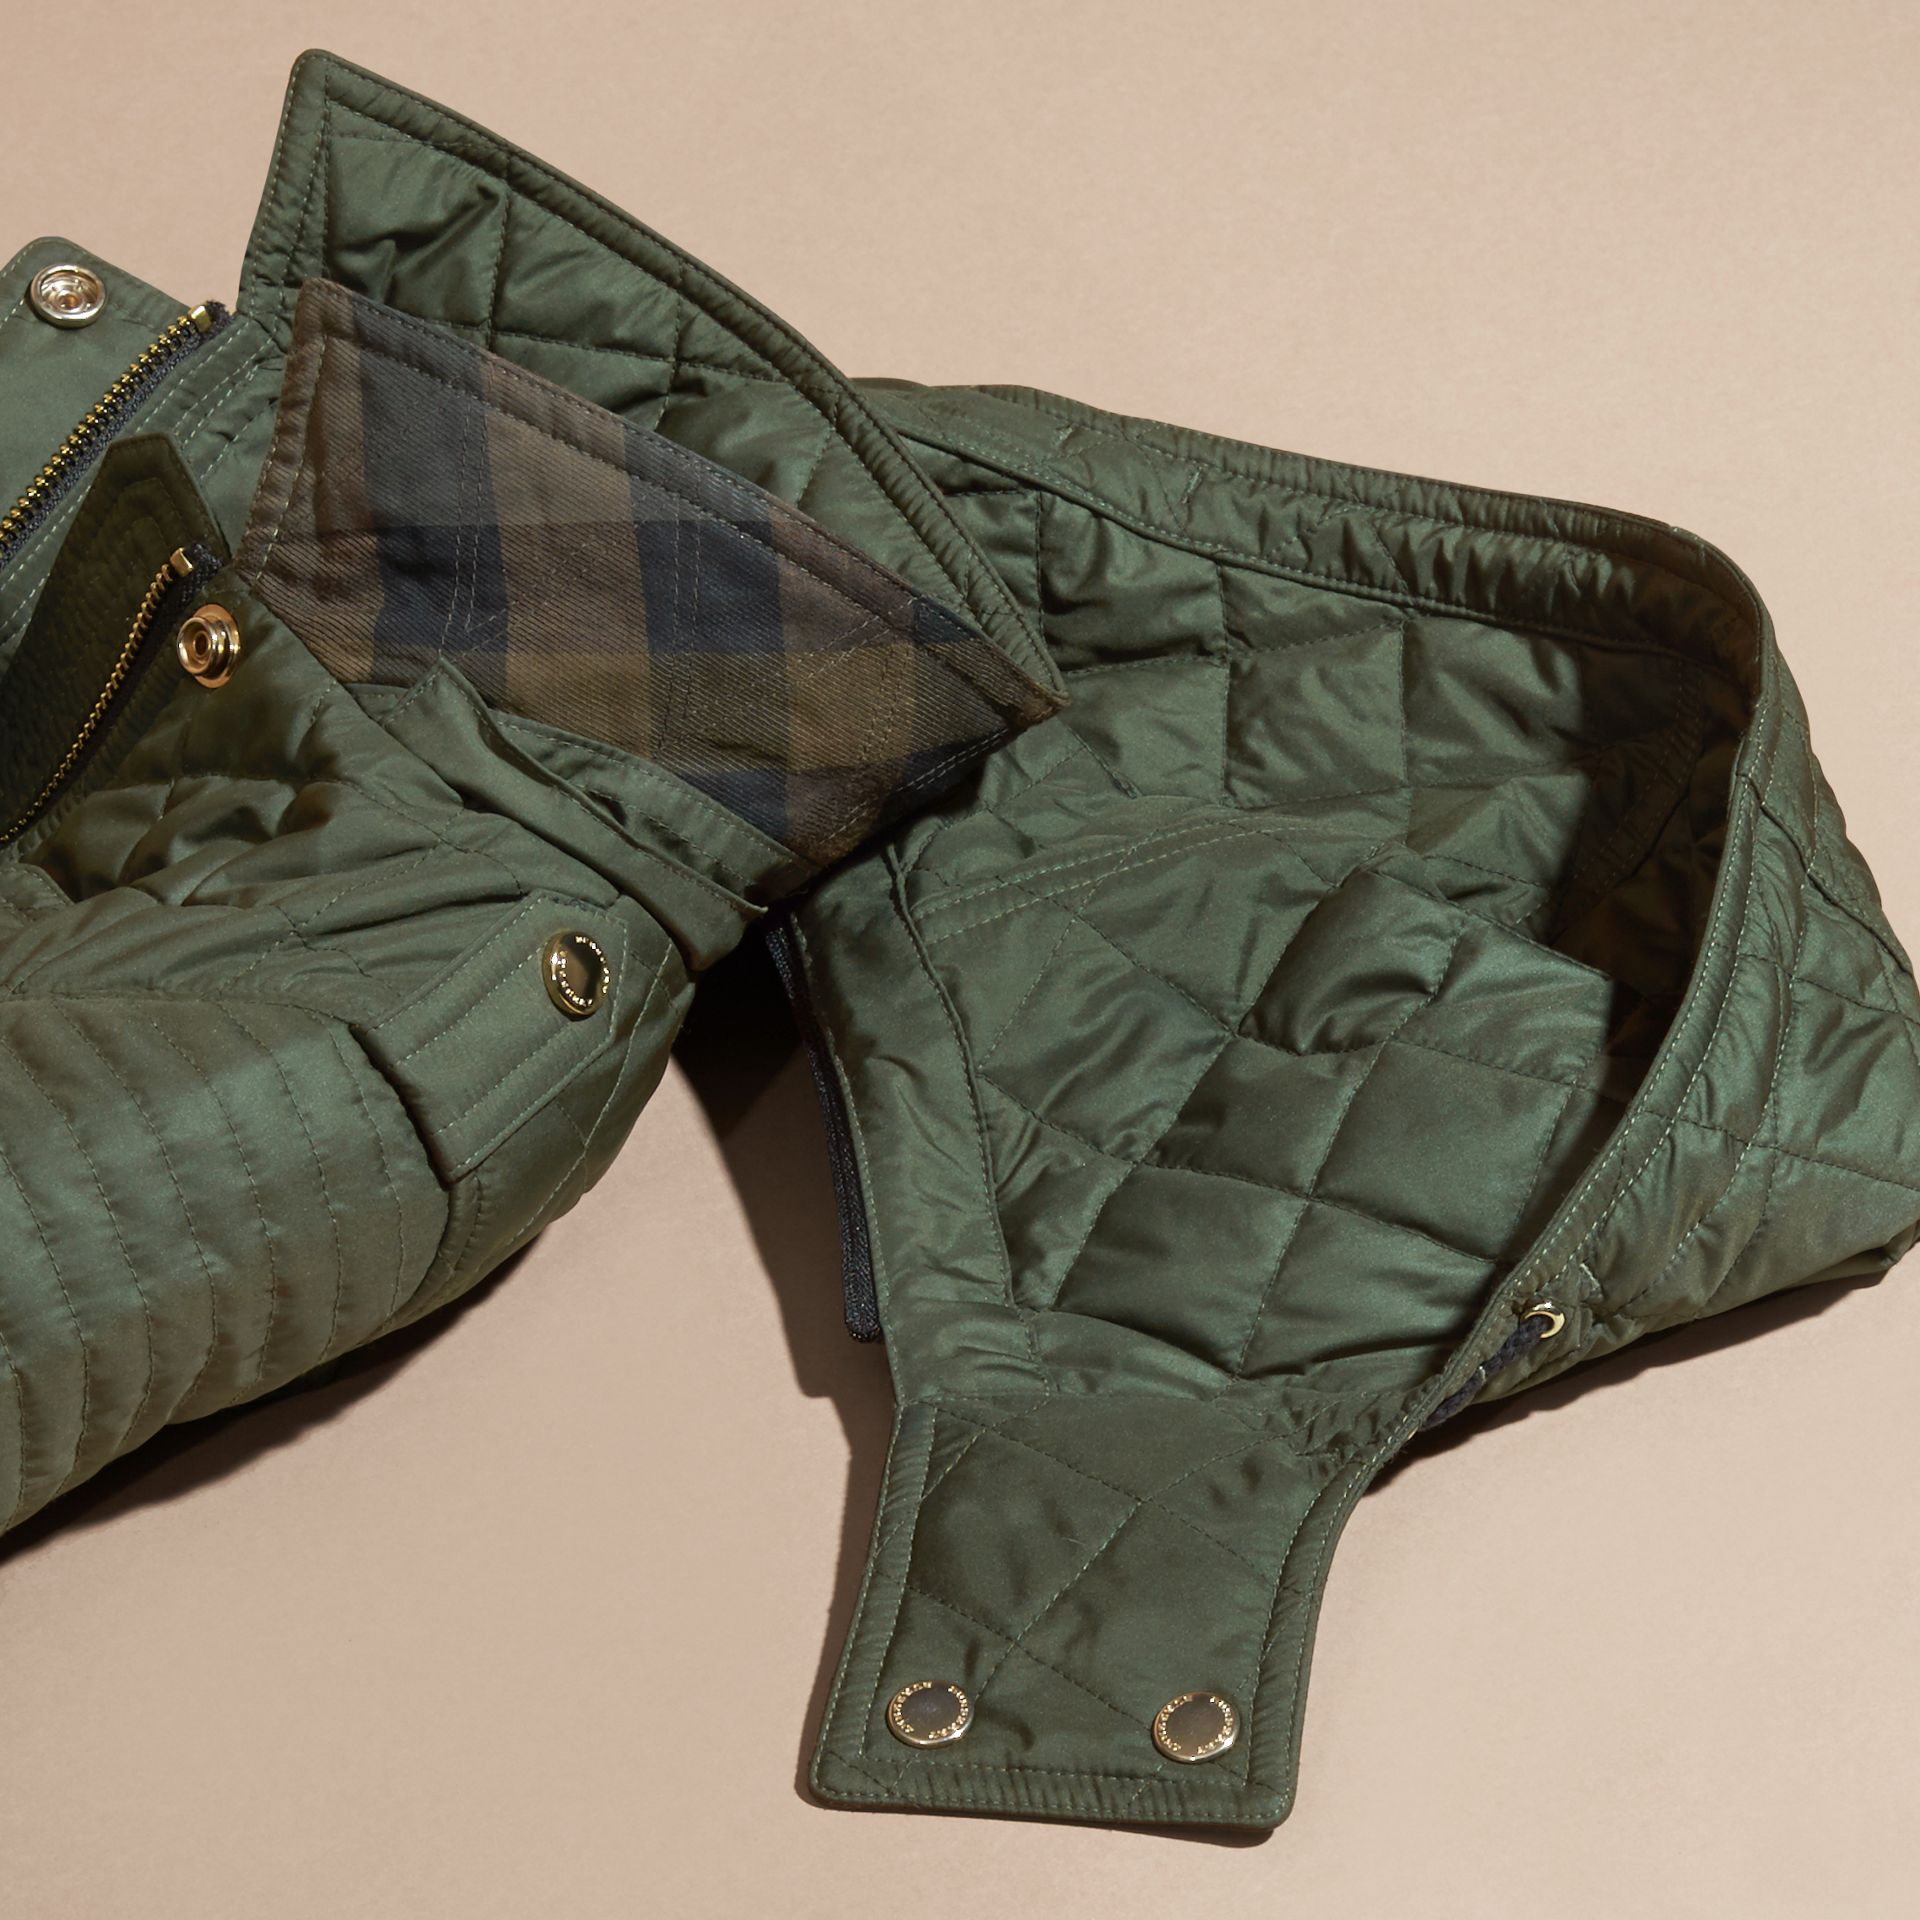 Oliva Giacca trapuntata con cappuccio amovibile - immagine della galleria 2